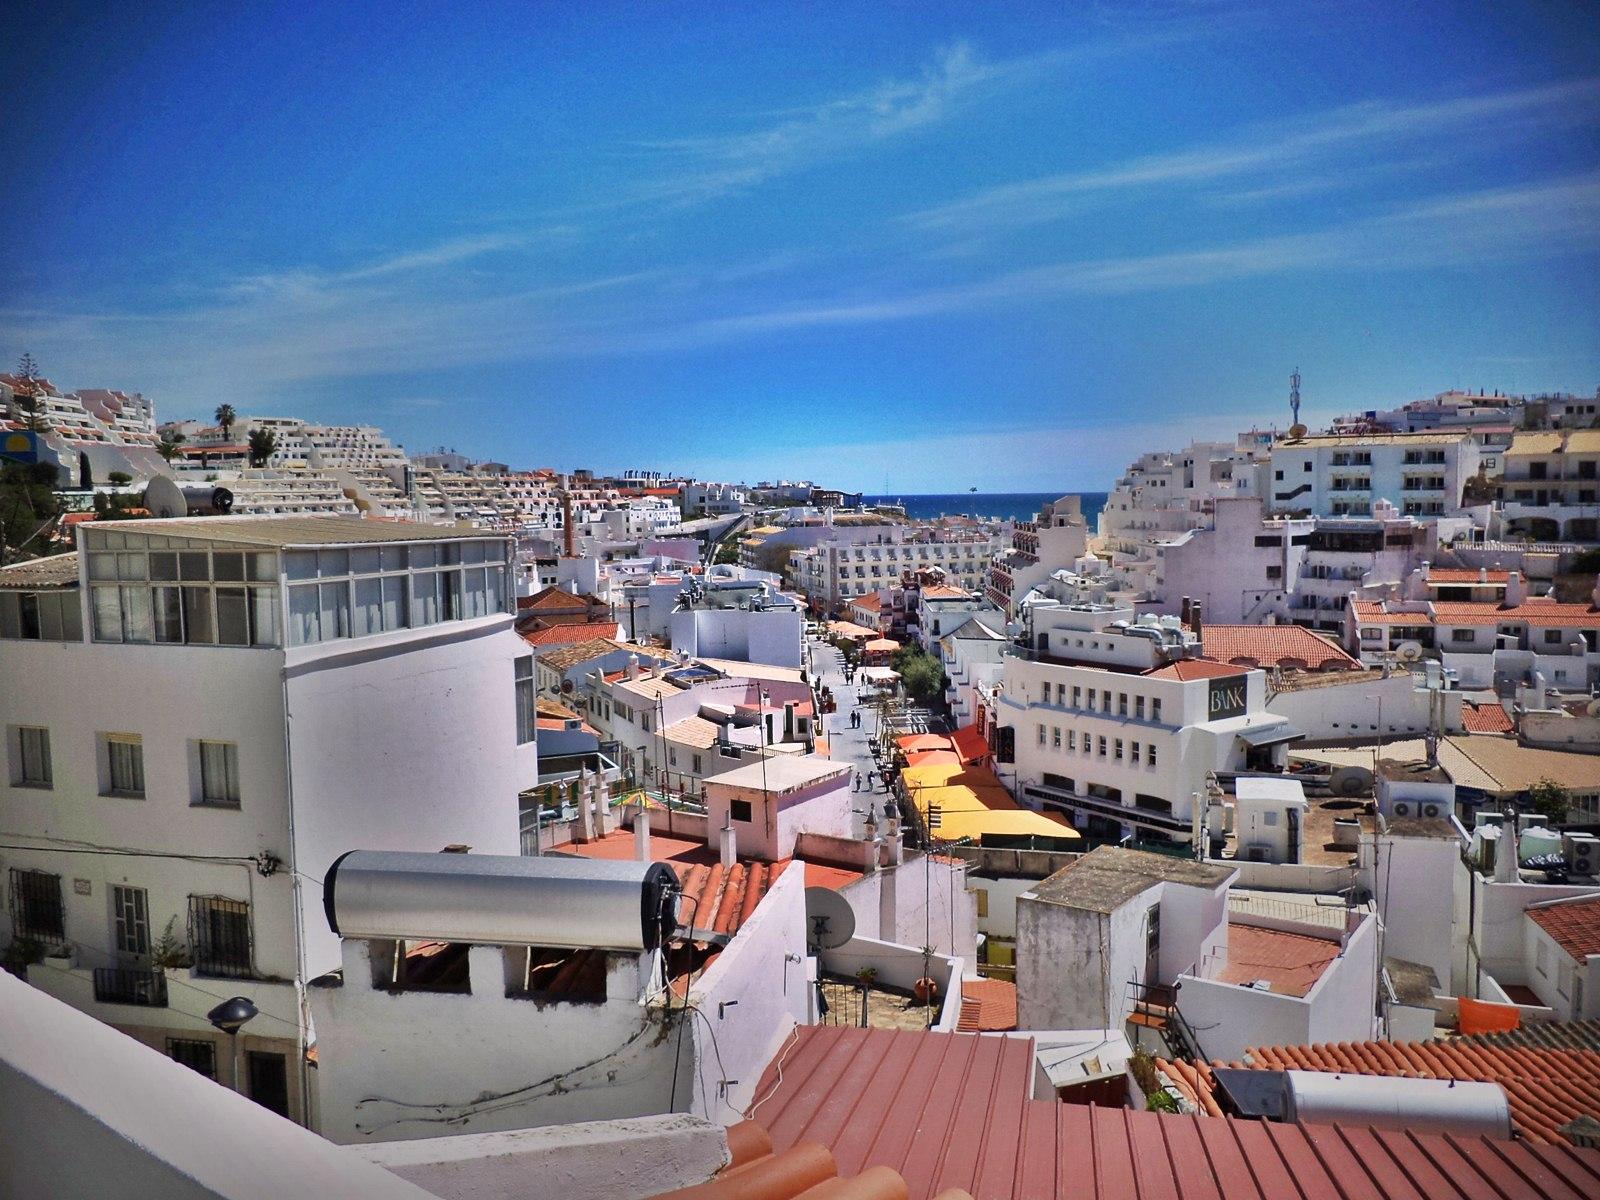 #2D639E22223348 Albufeira Old Town Vakantie Algarve.jpg Meest effectief Luxe Vakantie Portugal 3705 behang 160012003705 afbeeldingen